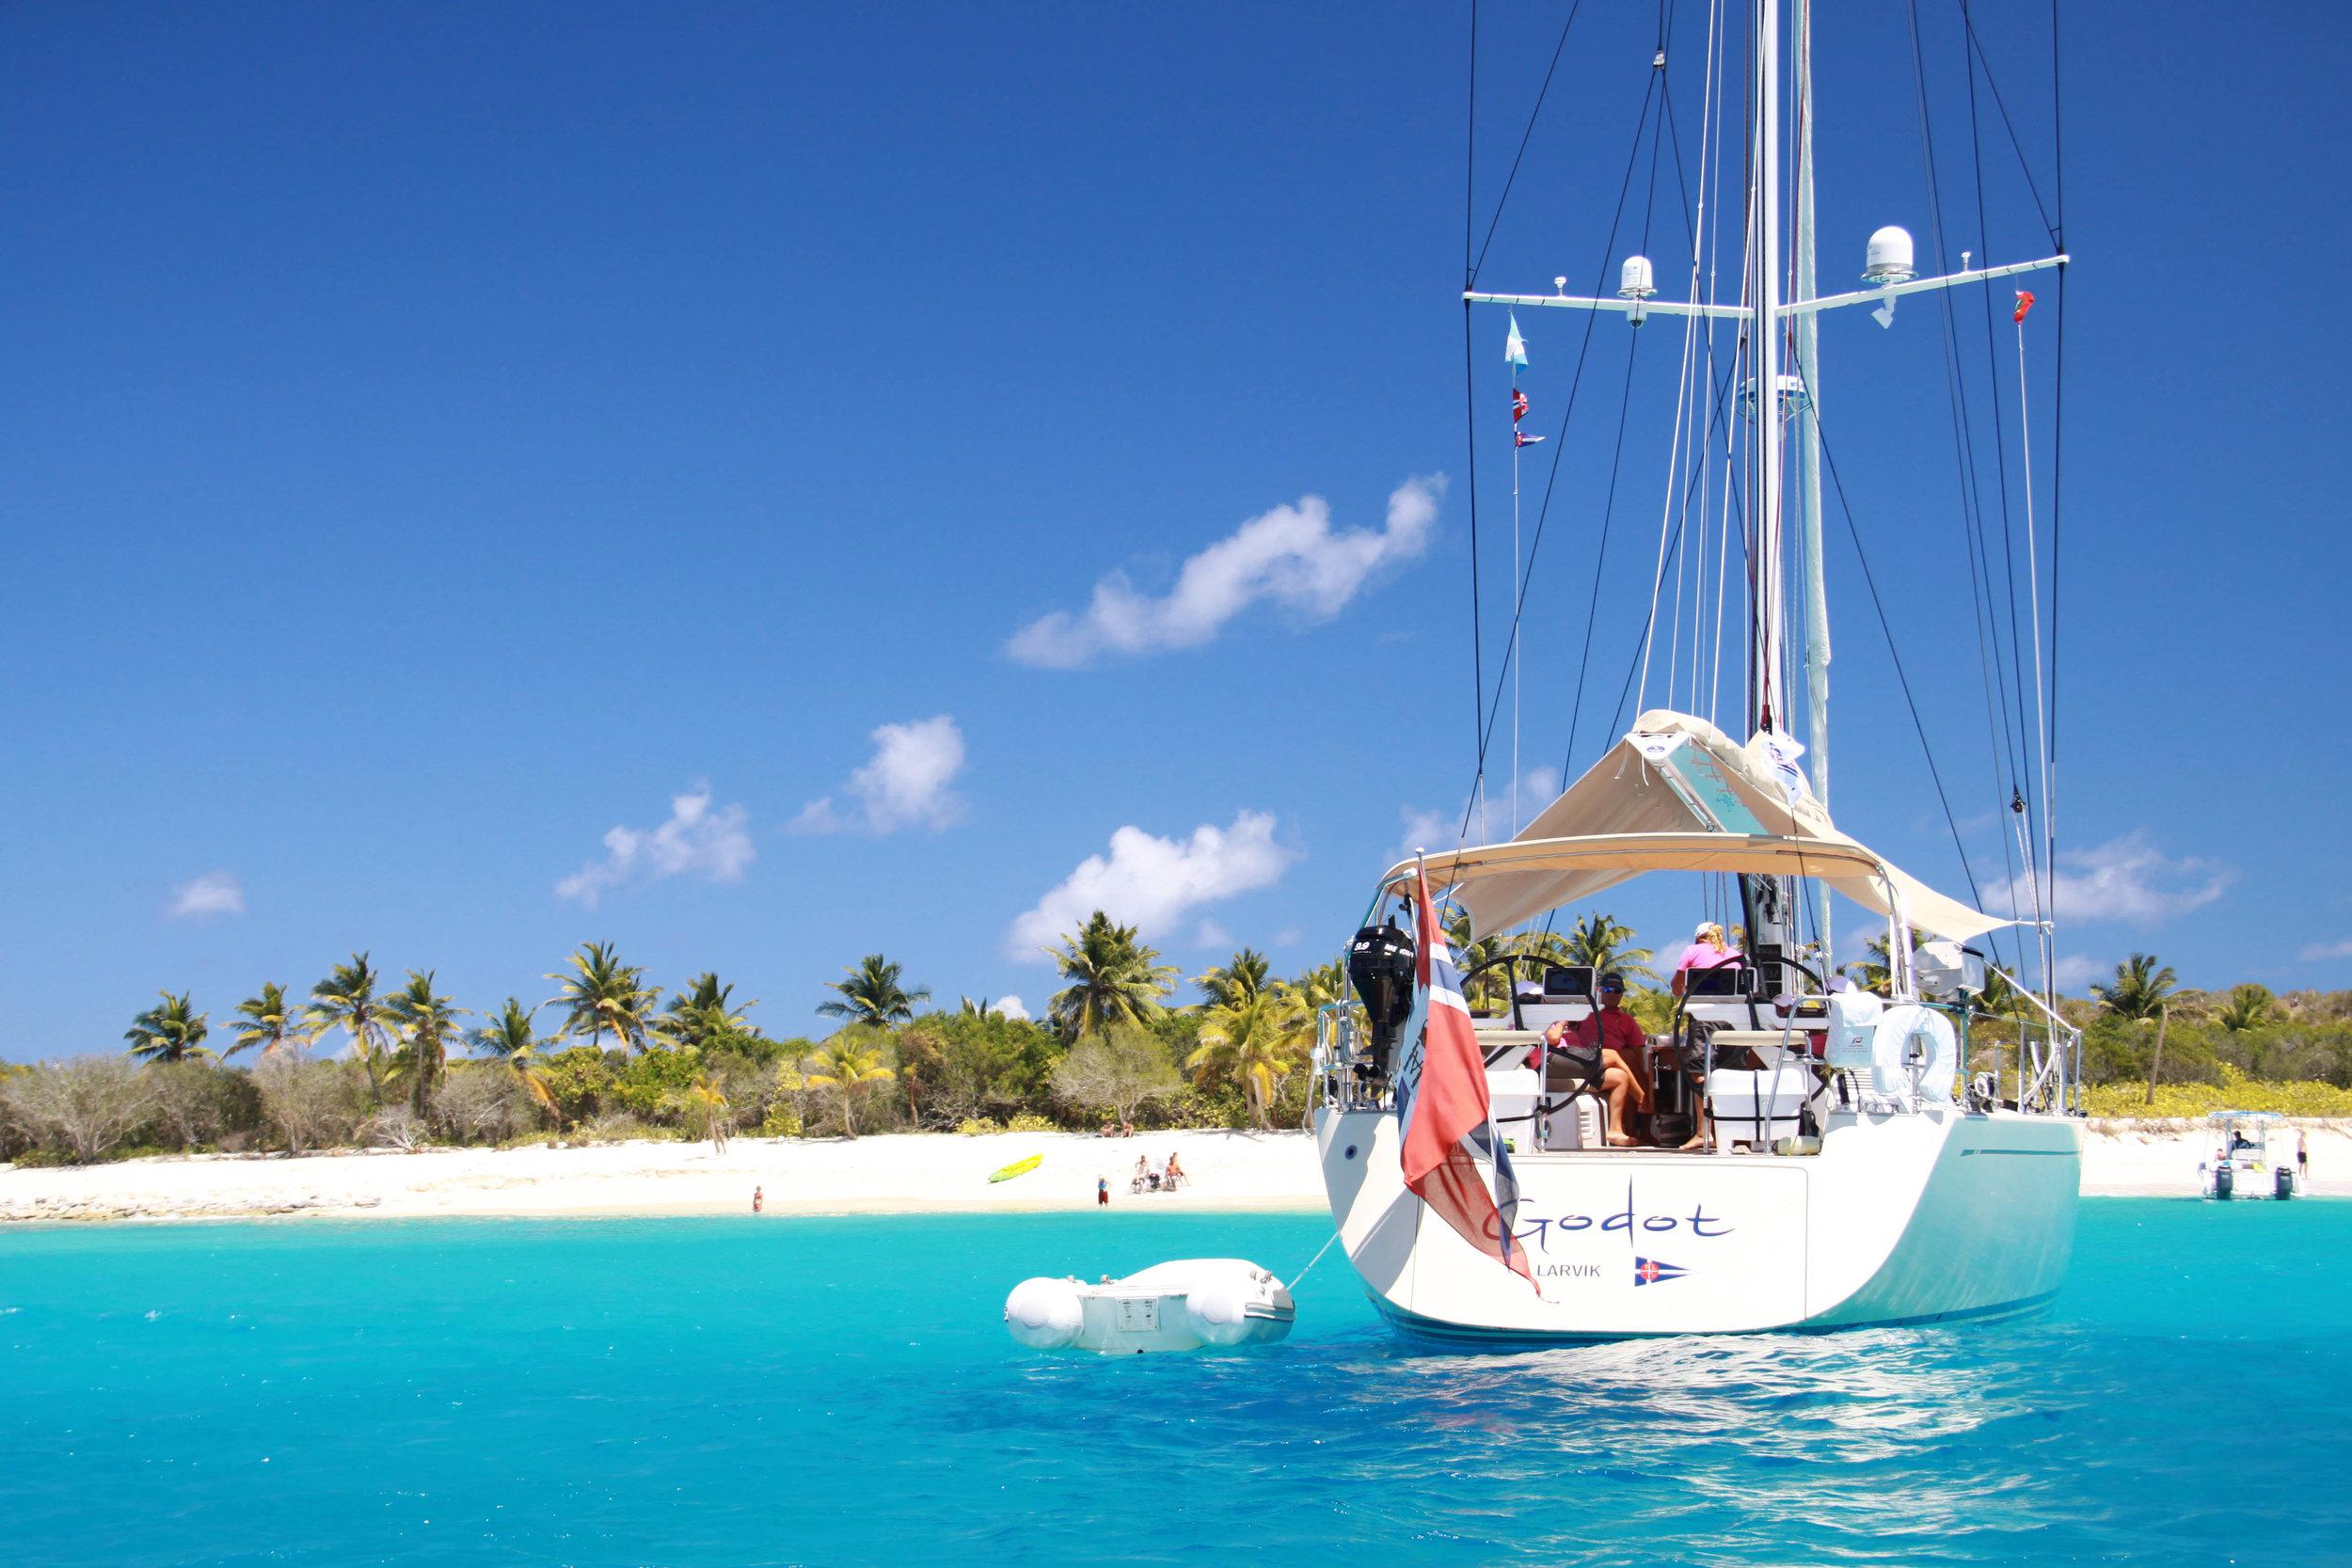 Stunning-sailing-yacht-Swan-66-GODOT-anchored-off-Sandy-Cay-Island-Credit-Yacht-Shots-11.jpg